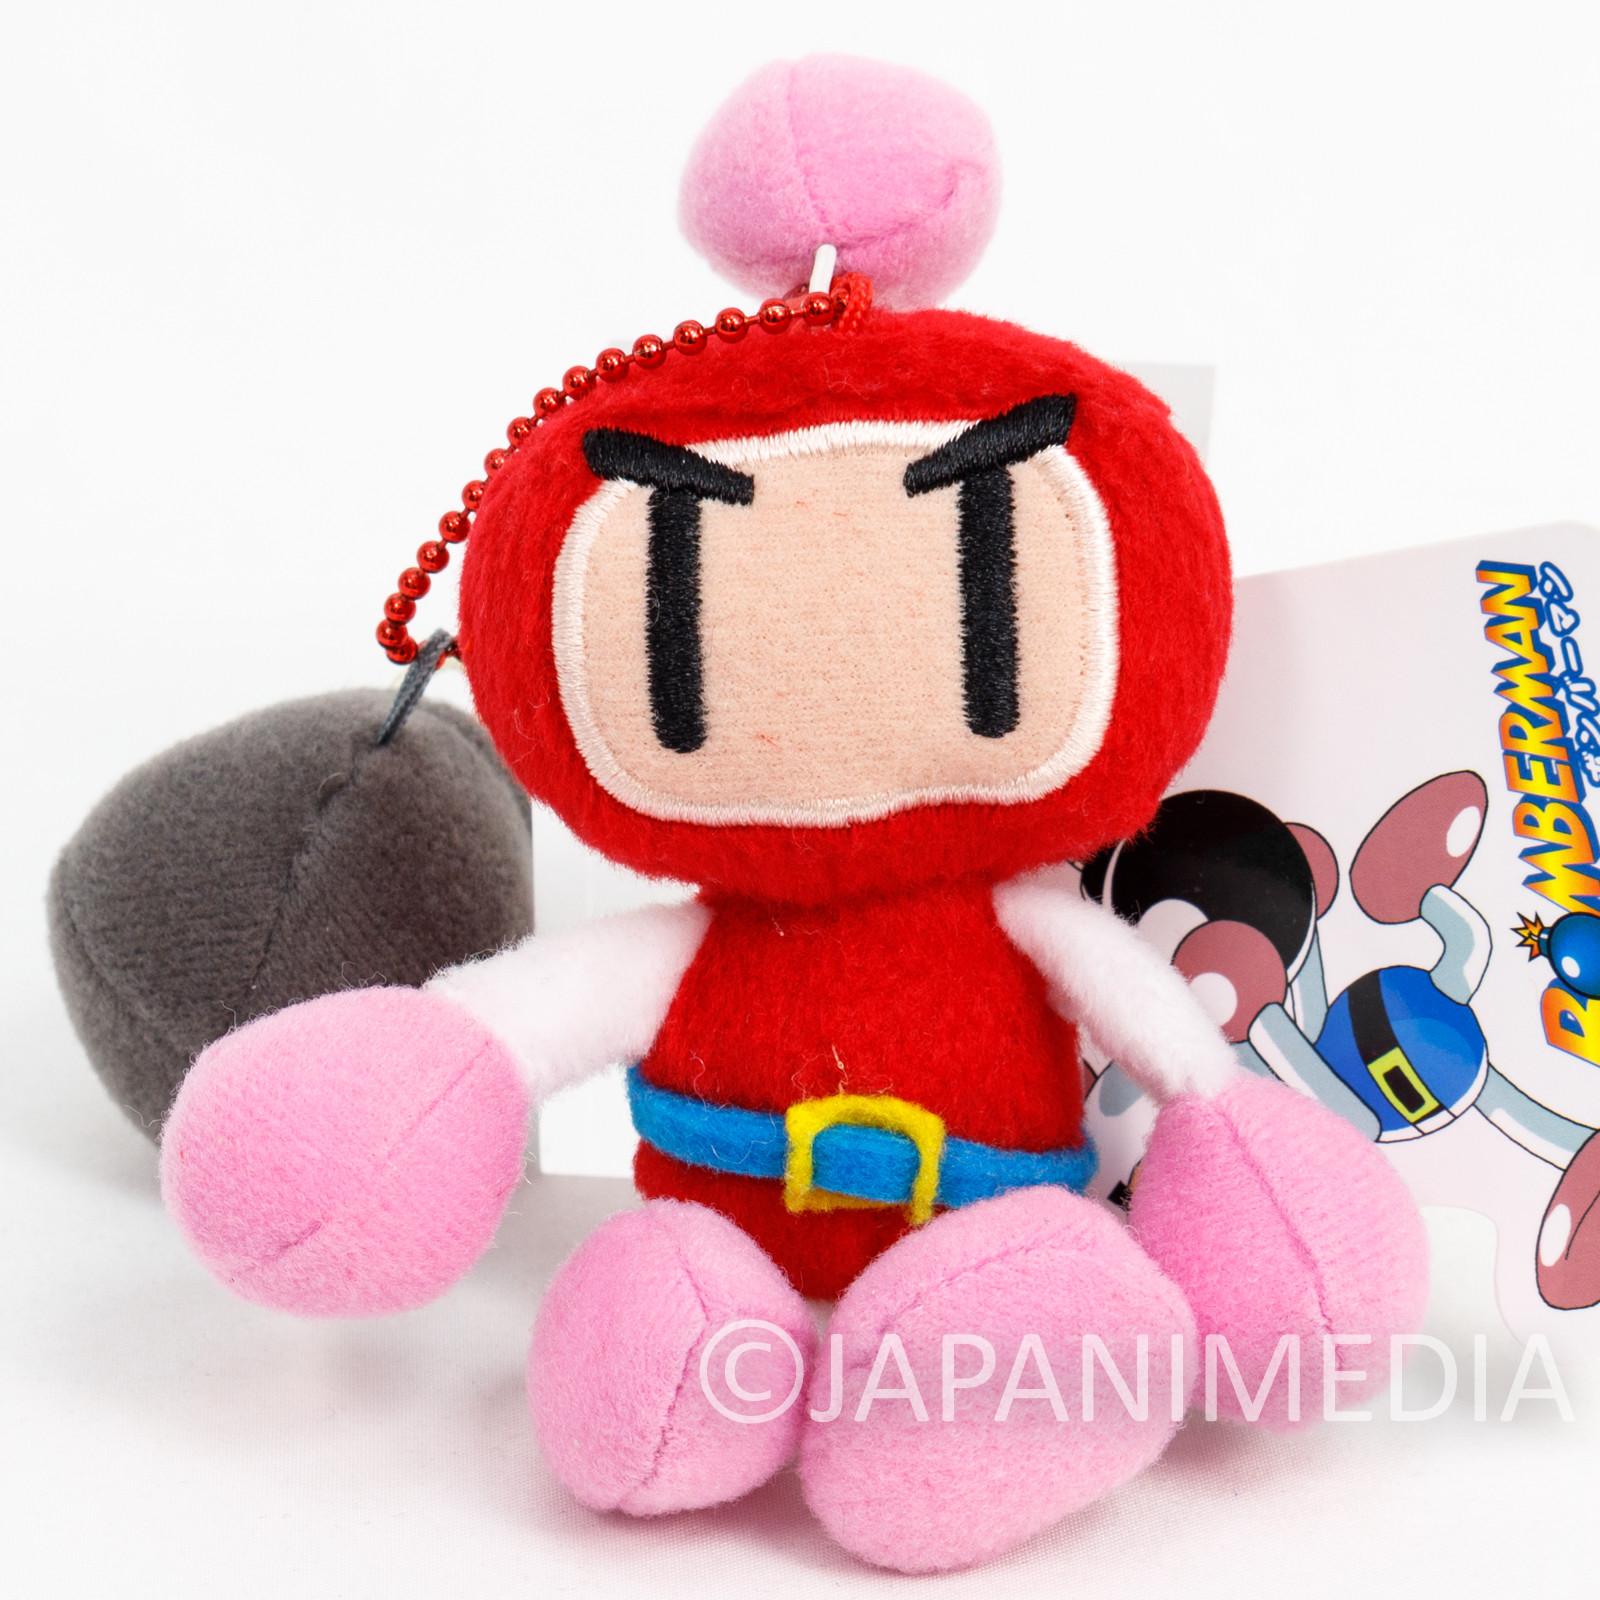 Bomberman Red Plush Doll Ballchain Famicom Hudson Nintendo JAPAN NES